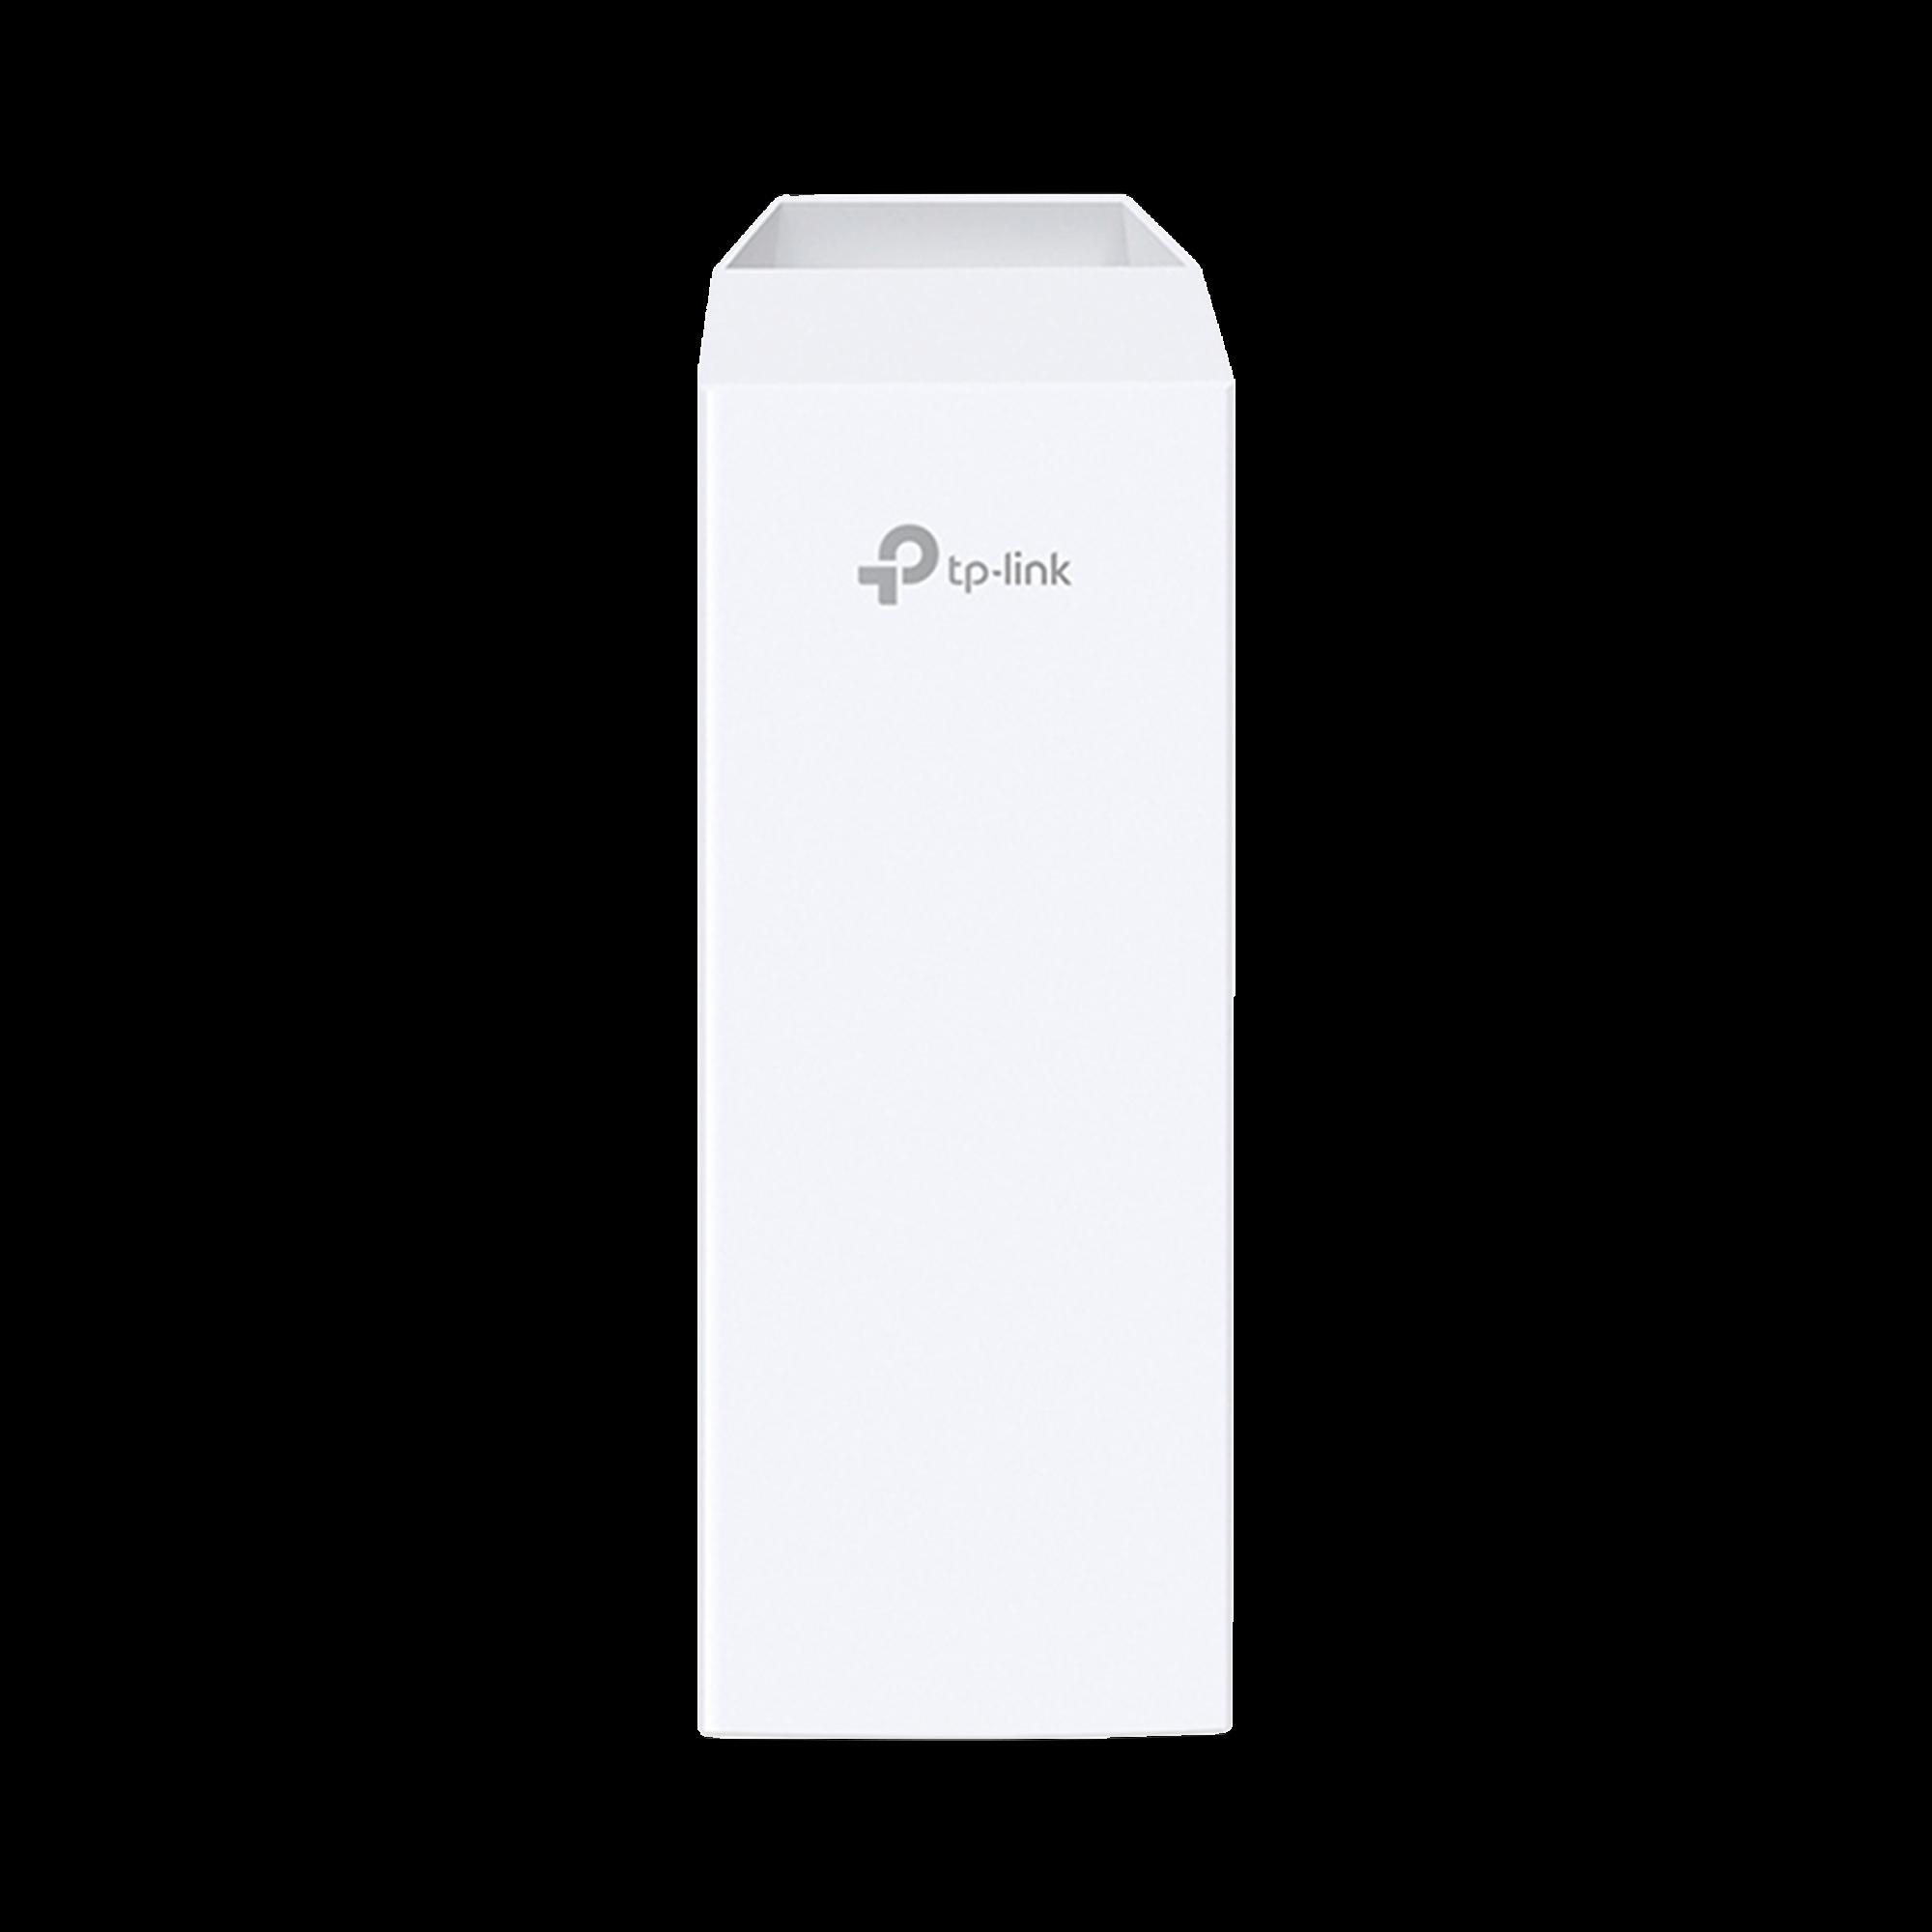 Punto de Acceso WI-Fi  N 300Mbps en 2.4GHz, 2 antenas integradas de 9dBi, MIMO 2X2.